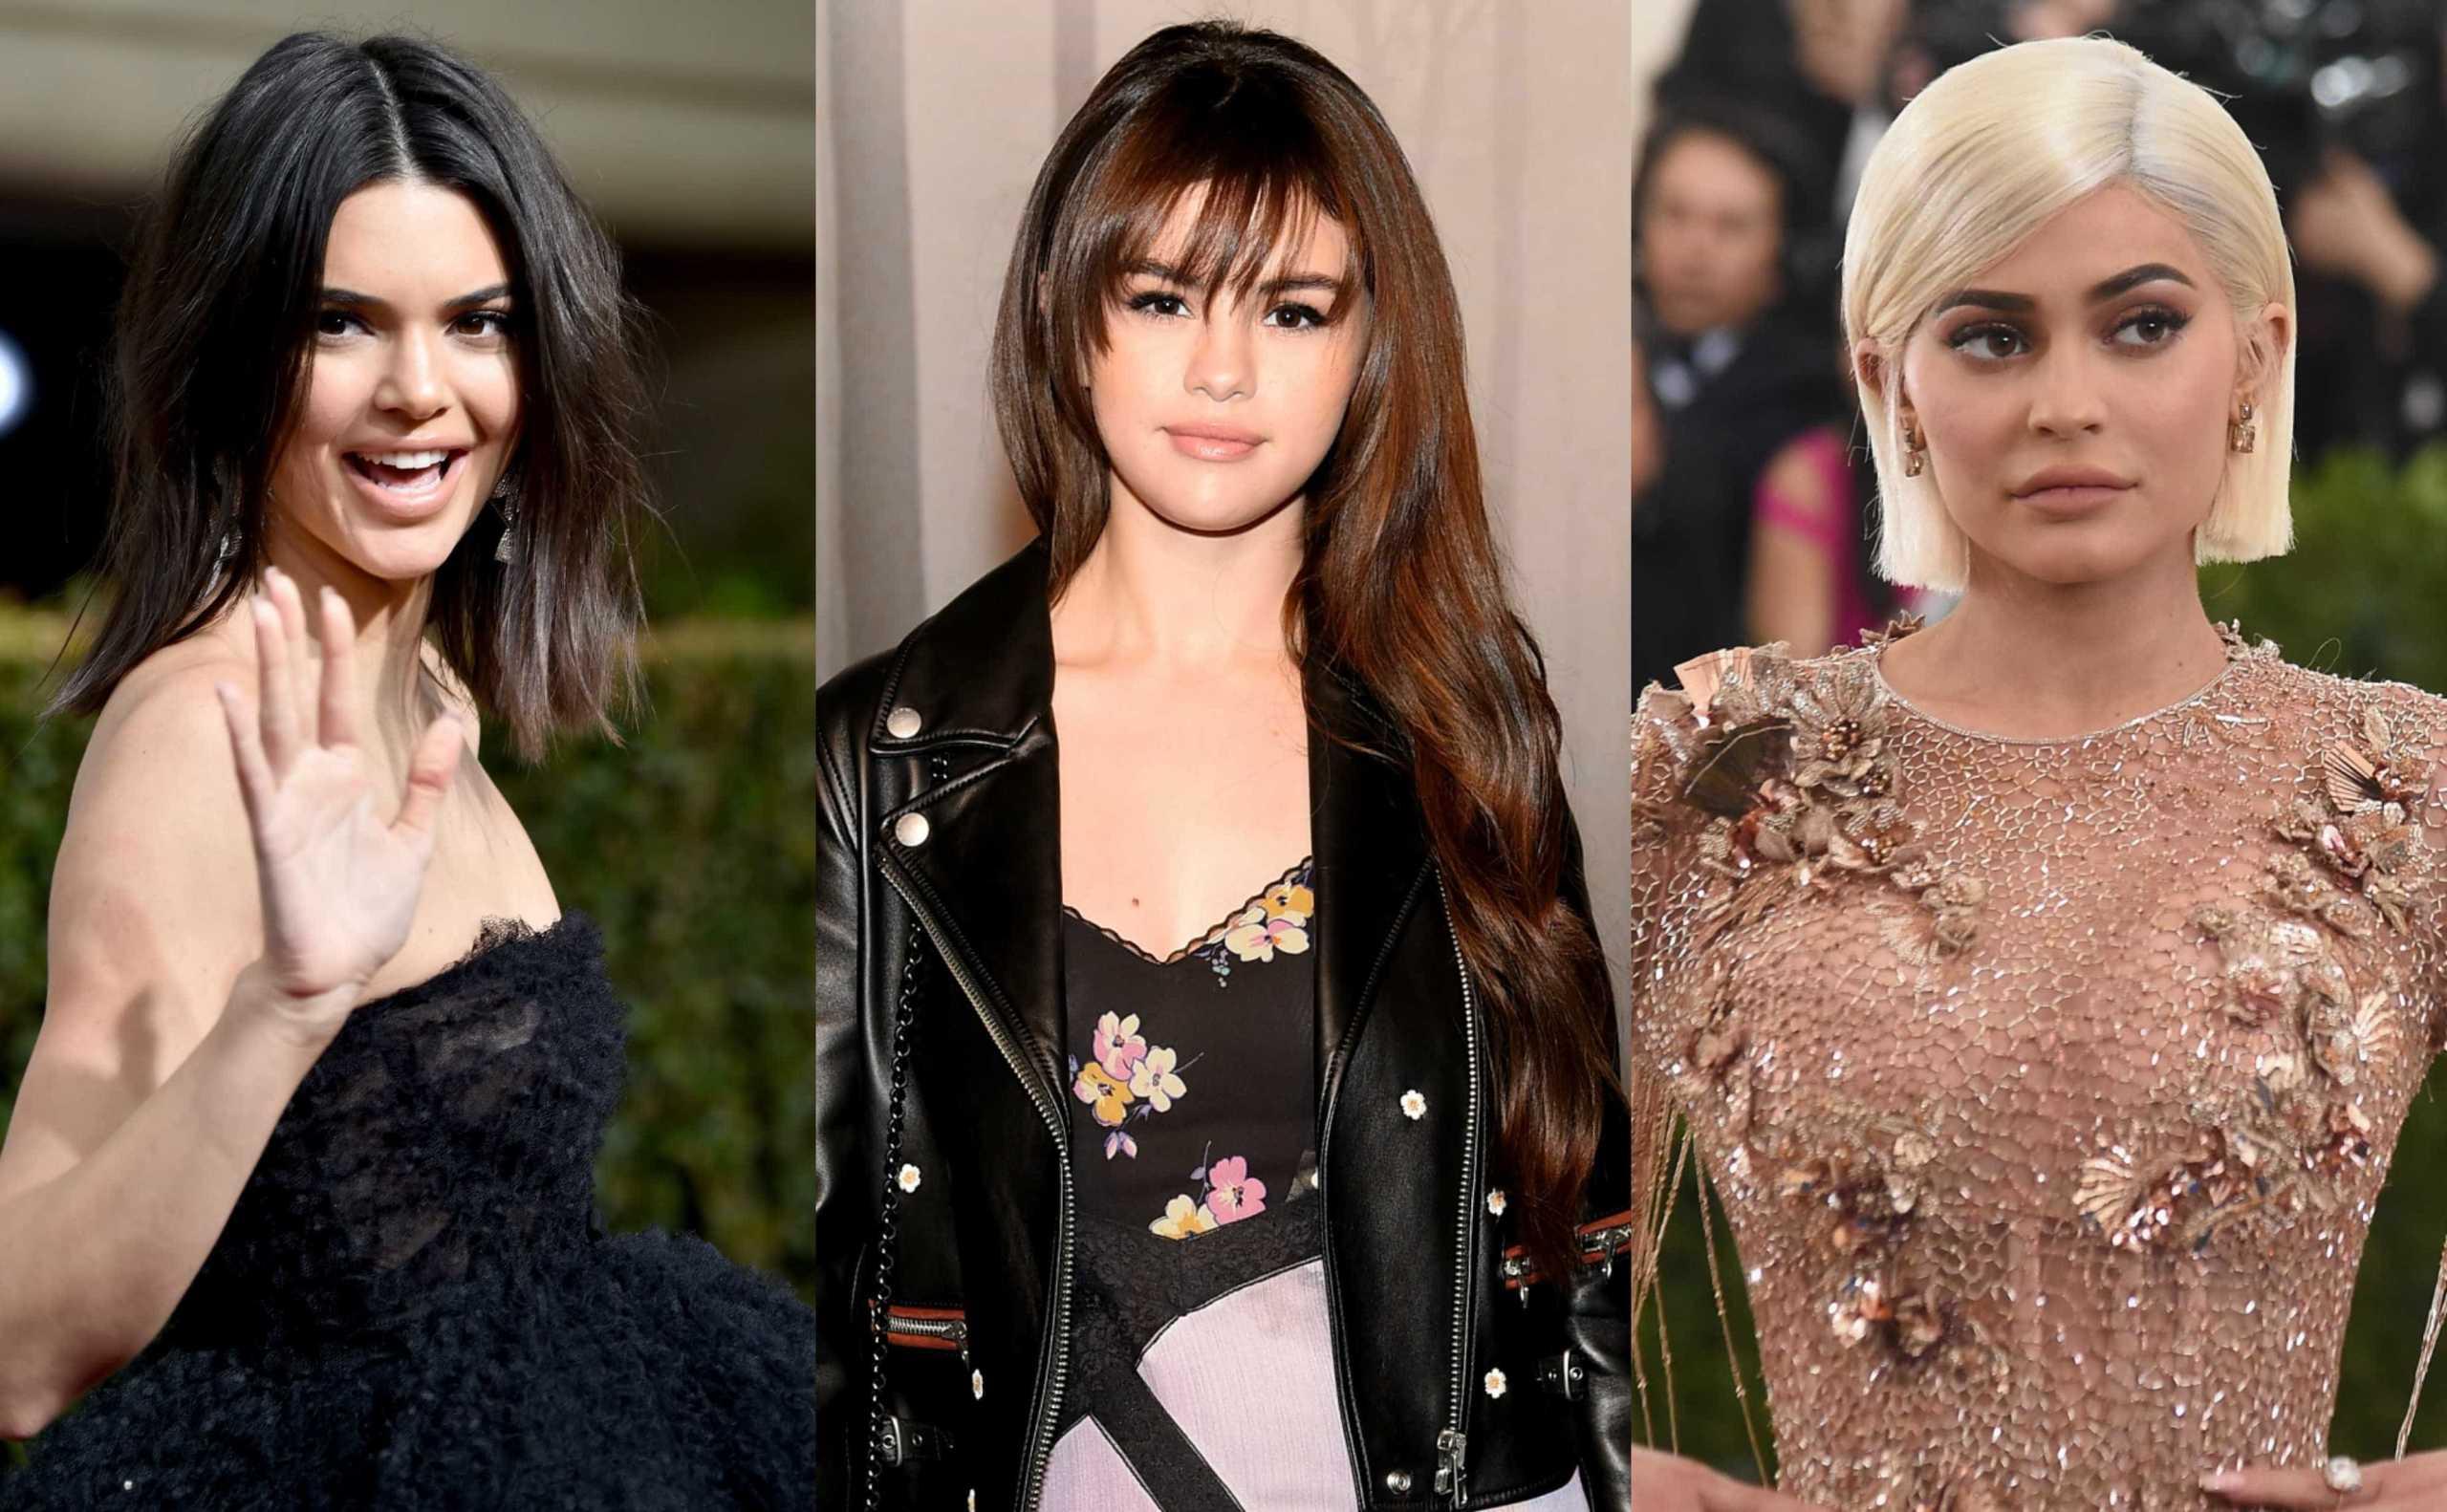 Top 50: Quem são as celebridades com mais seguidores no Instagram?